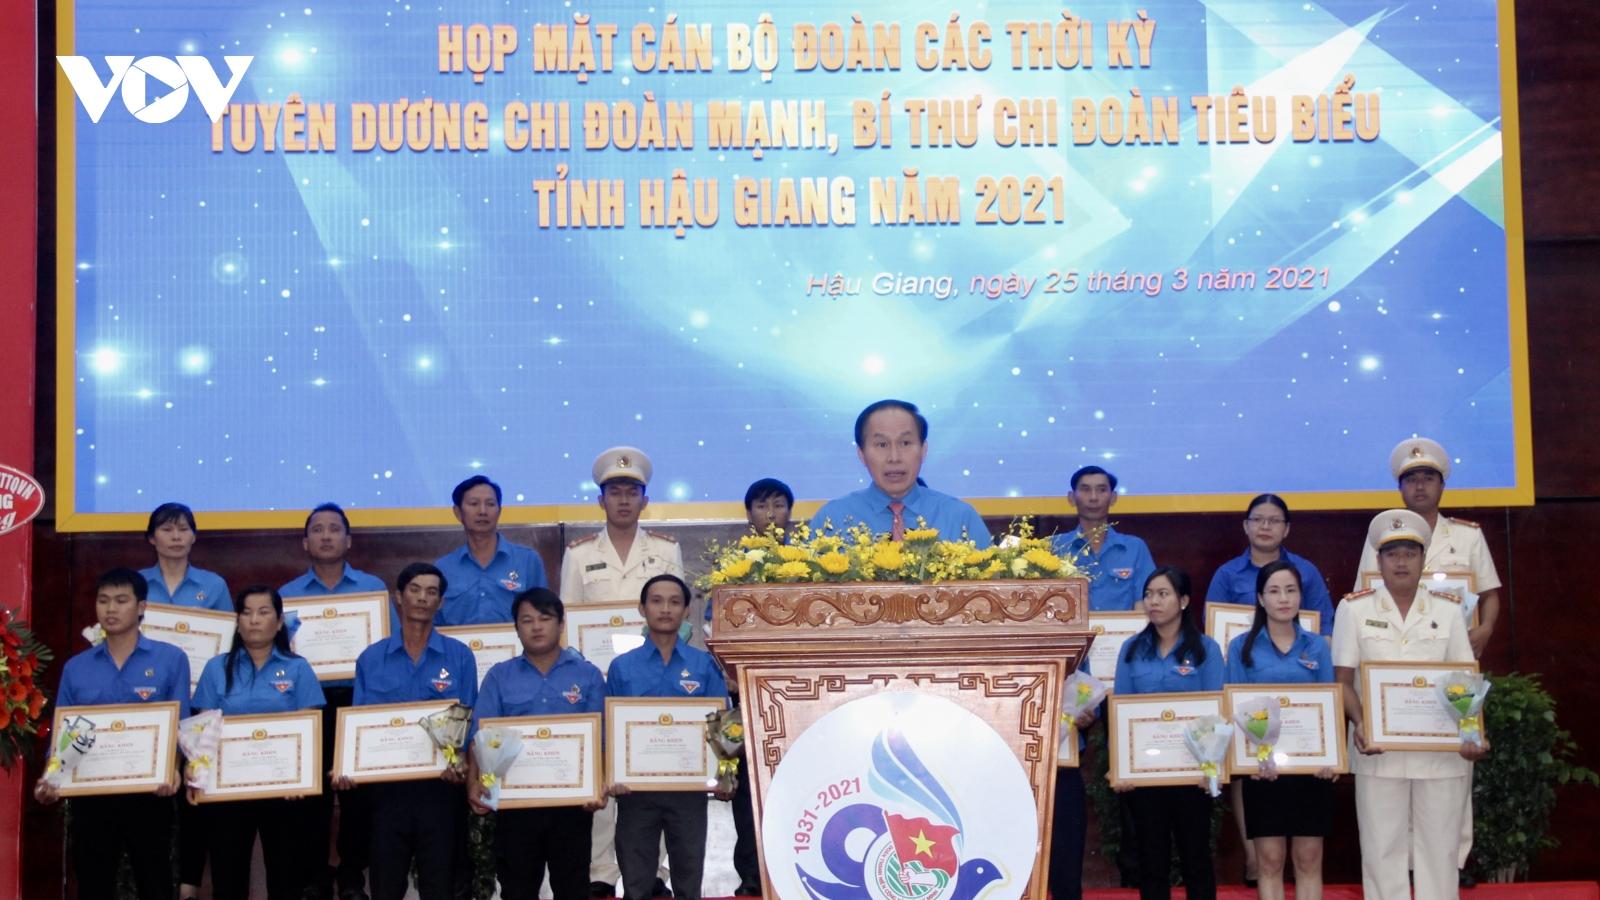 Sóc Trăng, Hậu Giang tổ chức nhiều hoạt động kỷ niệm Ngày thành lập Đoàn TNCS Hồ Chí Minh